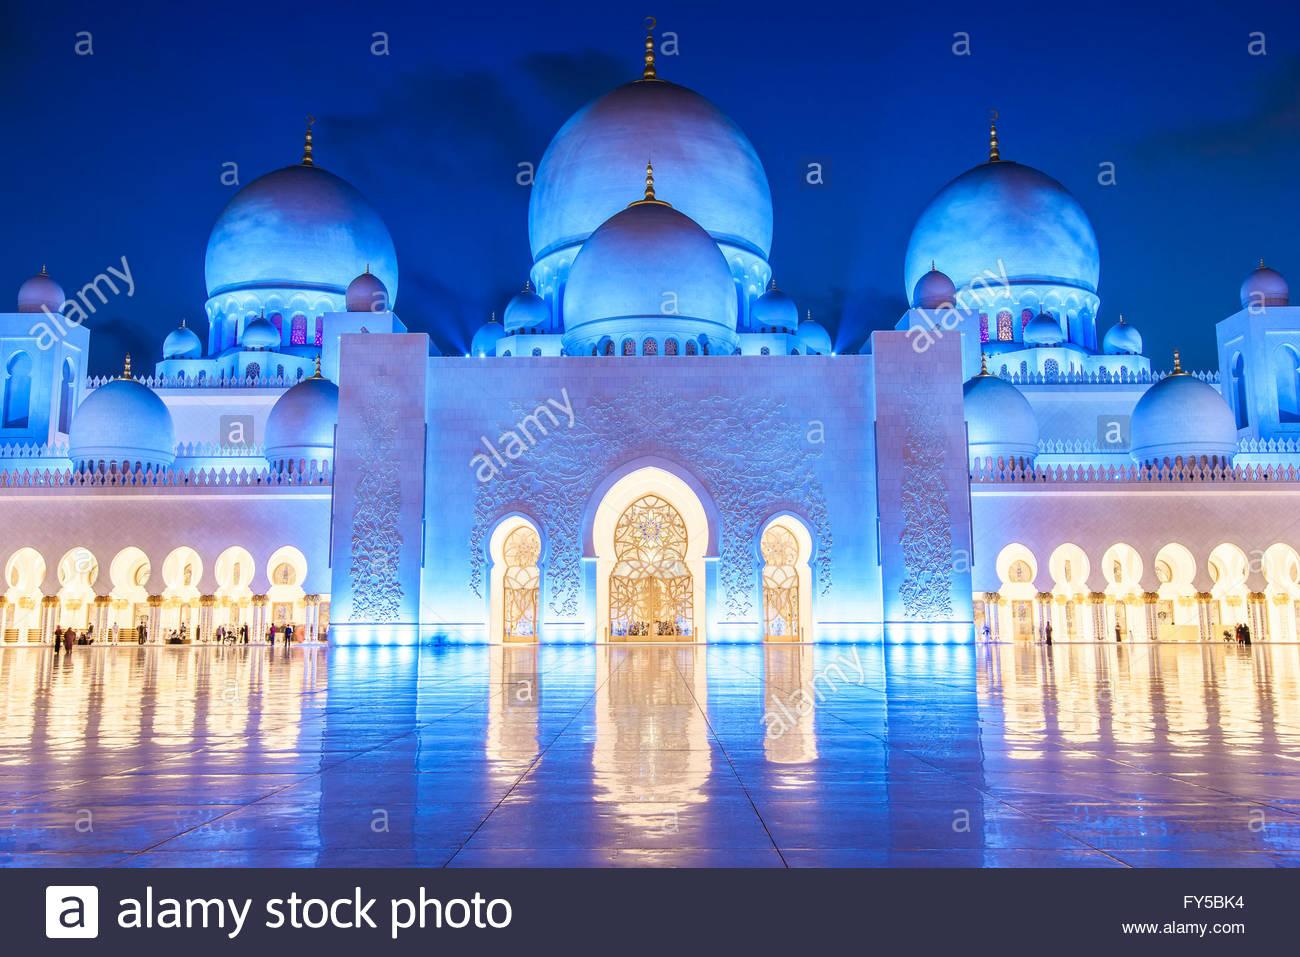 Abu Dhabi alberga la tercera mezquita más grande del mundo - después de las de la Meca y Madina en Arabia Saudita. Foto de stock